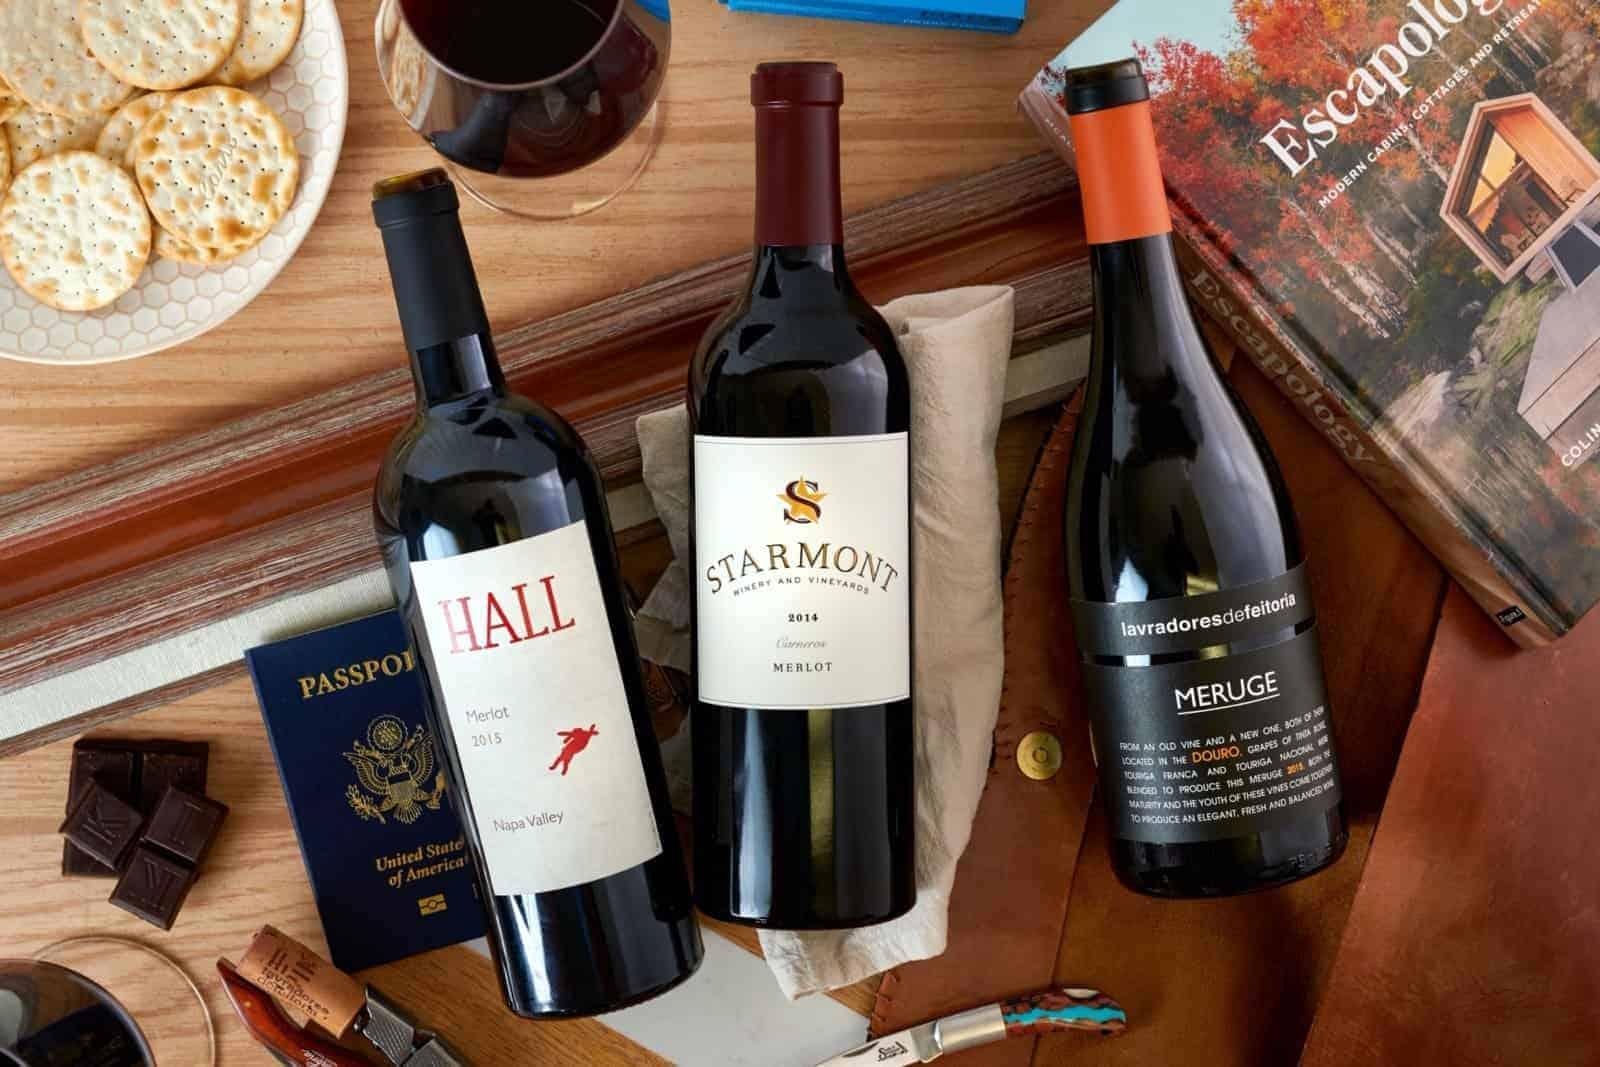 La aerolínea American Airlines lanzó su 'Club de vino', una posibilidad de acceder a los vinos de selección que ofrece en sus aviones